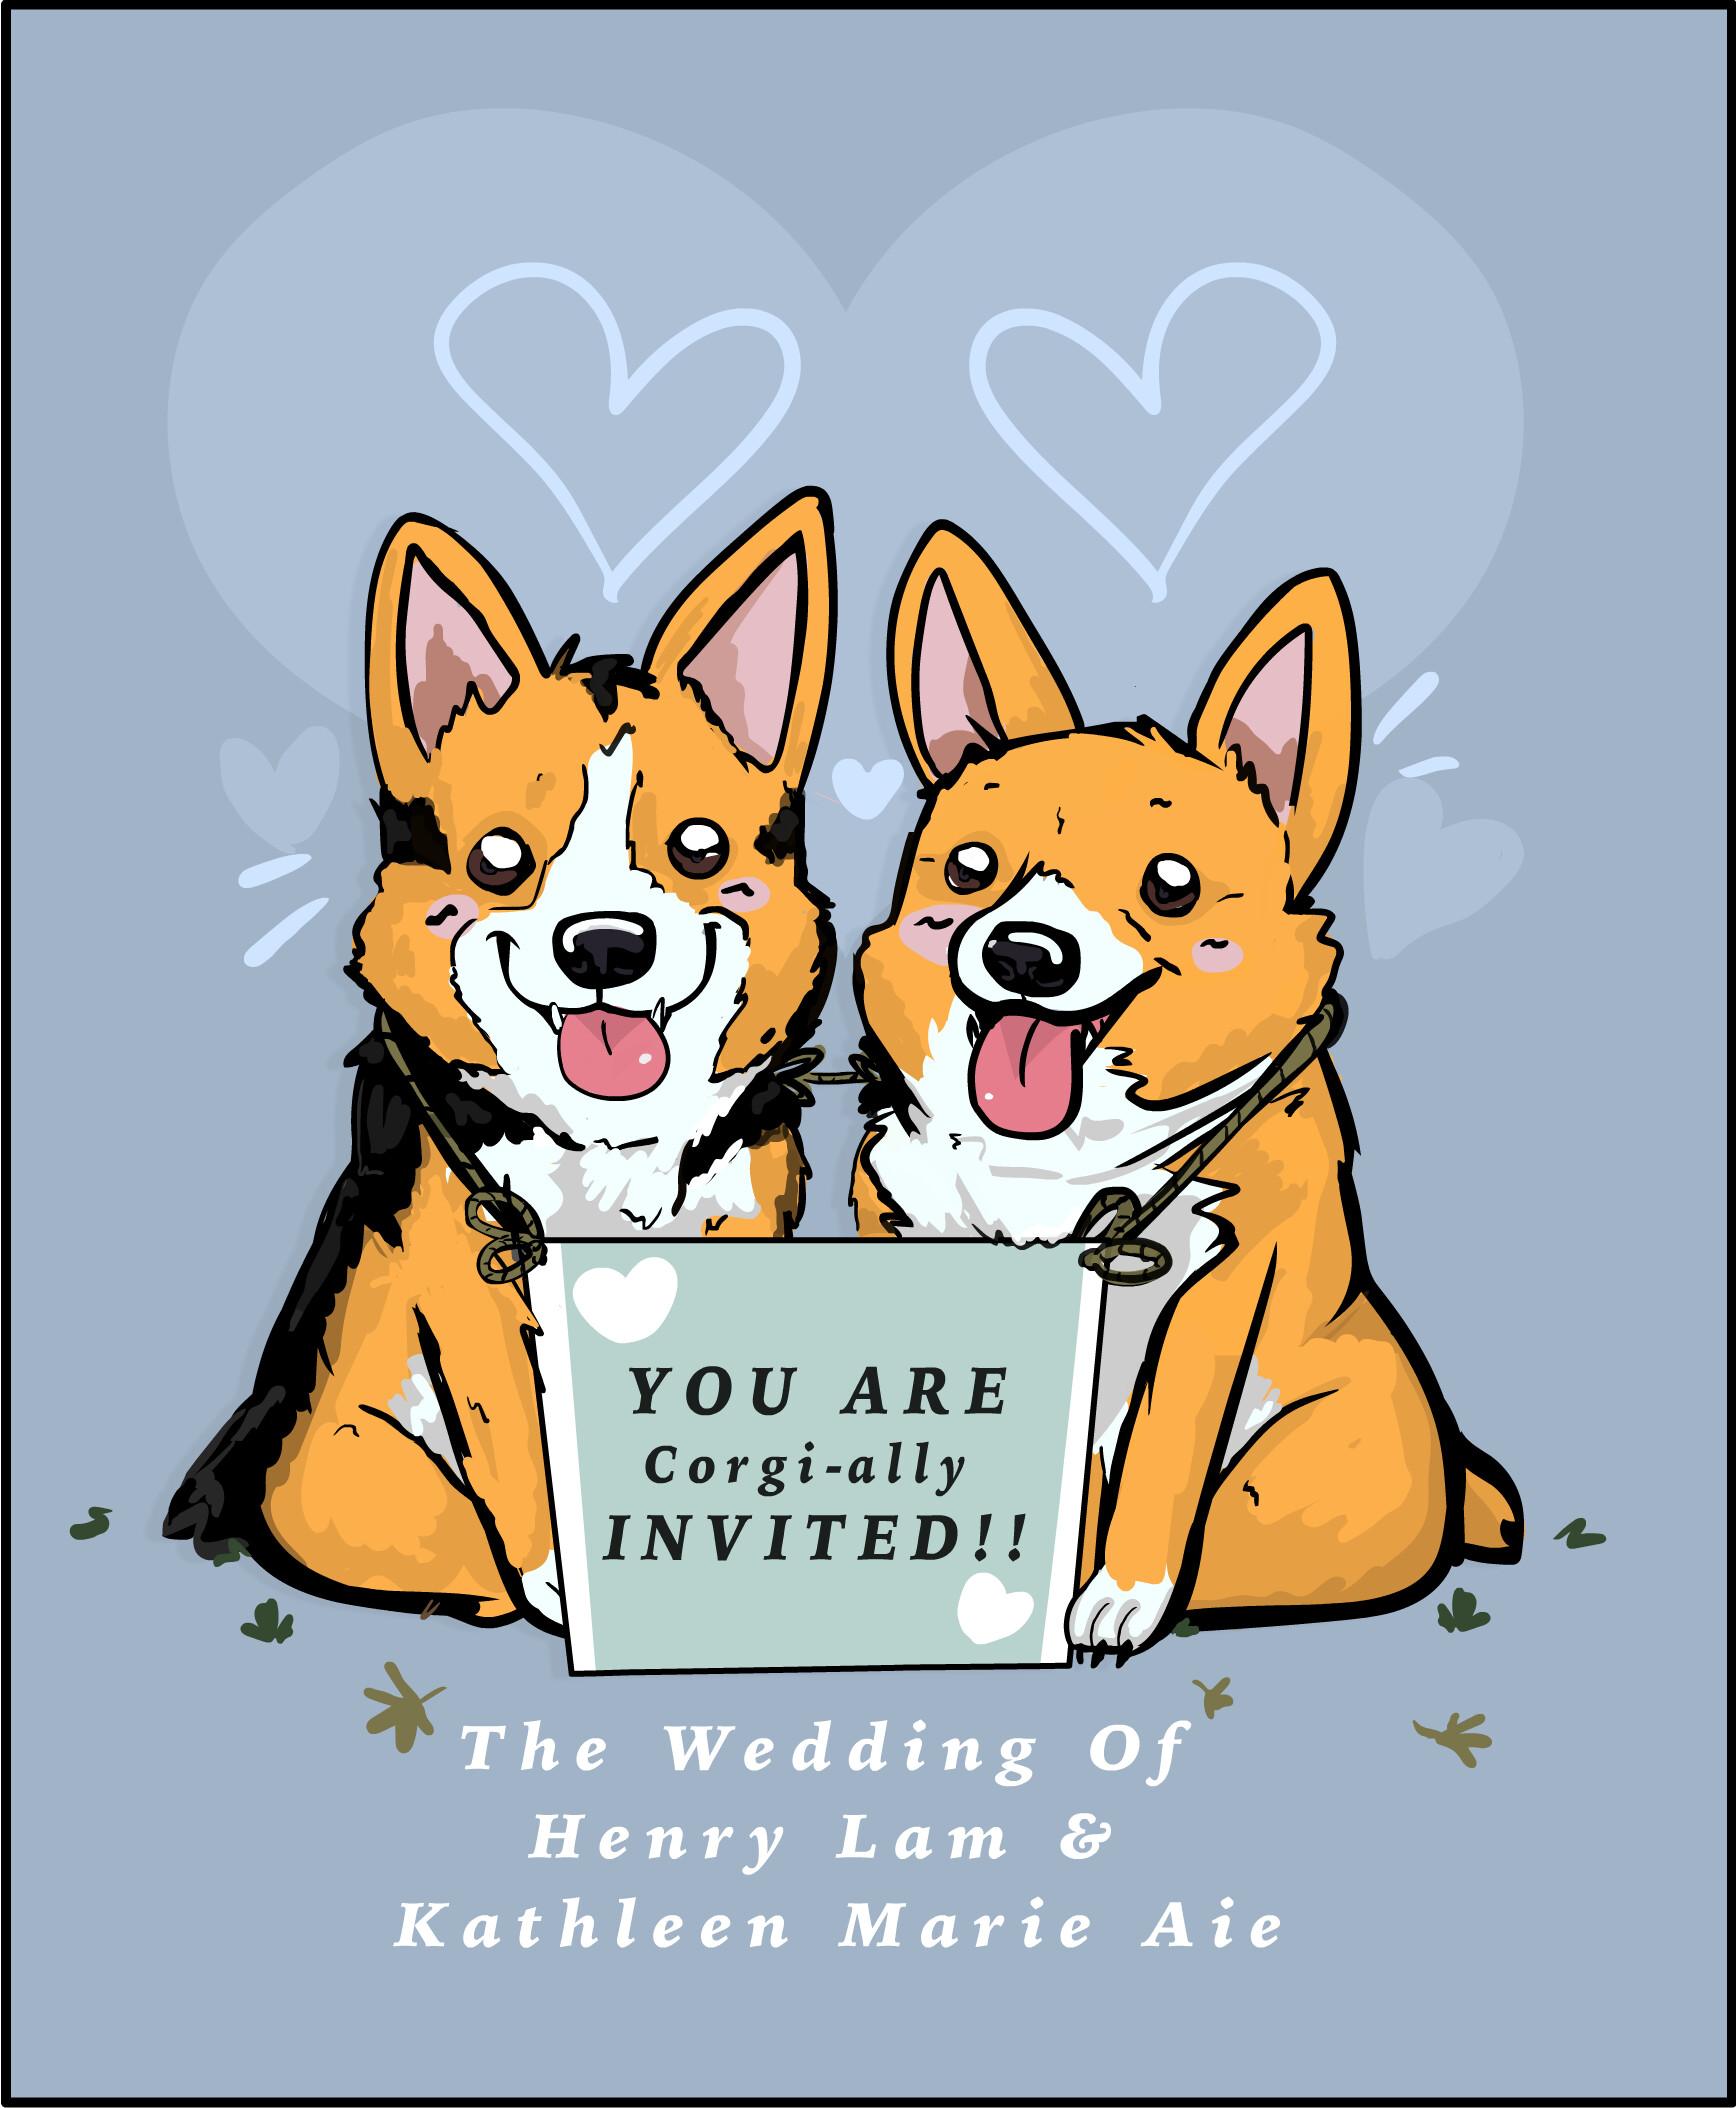 Sam kalensky weddingcorgis